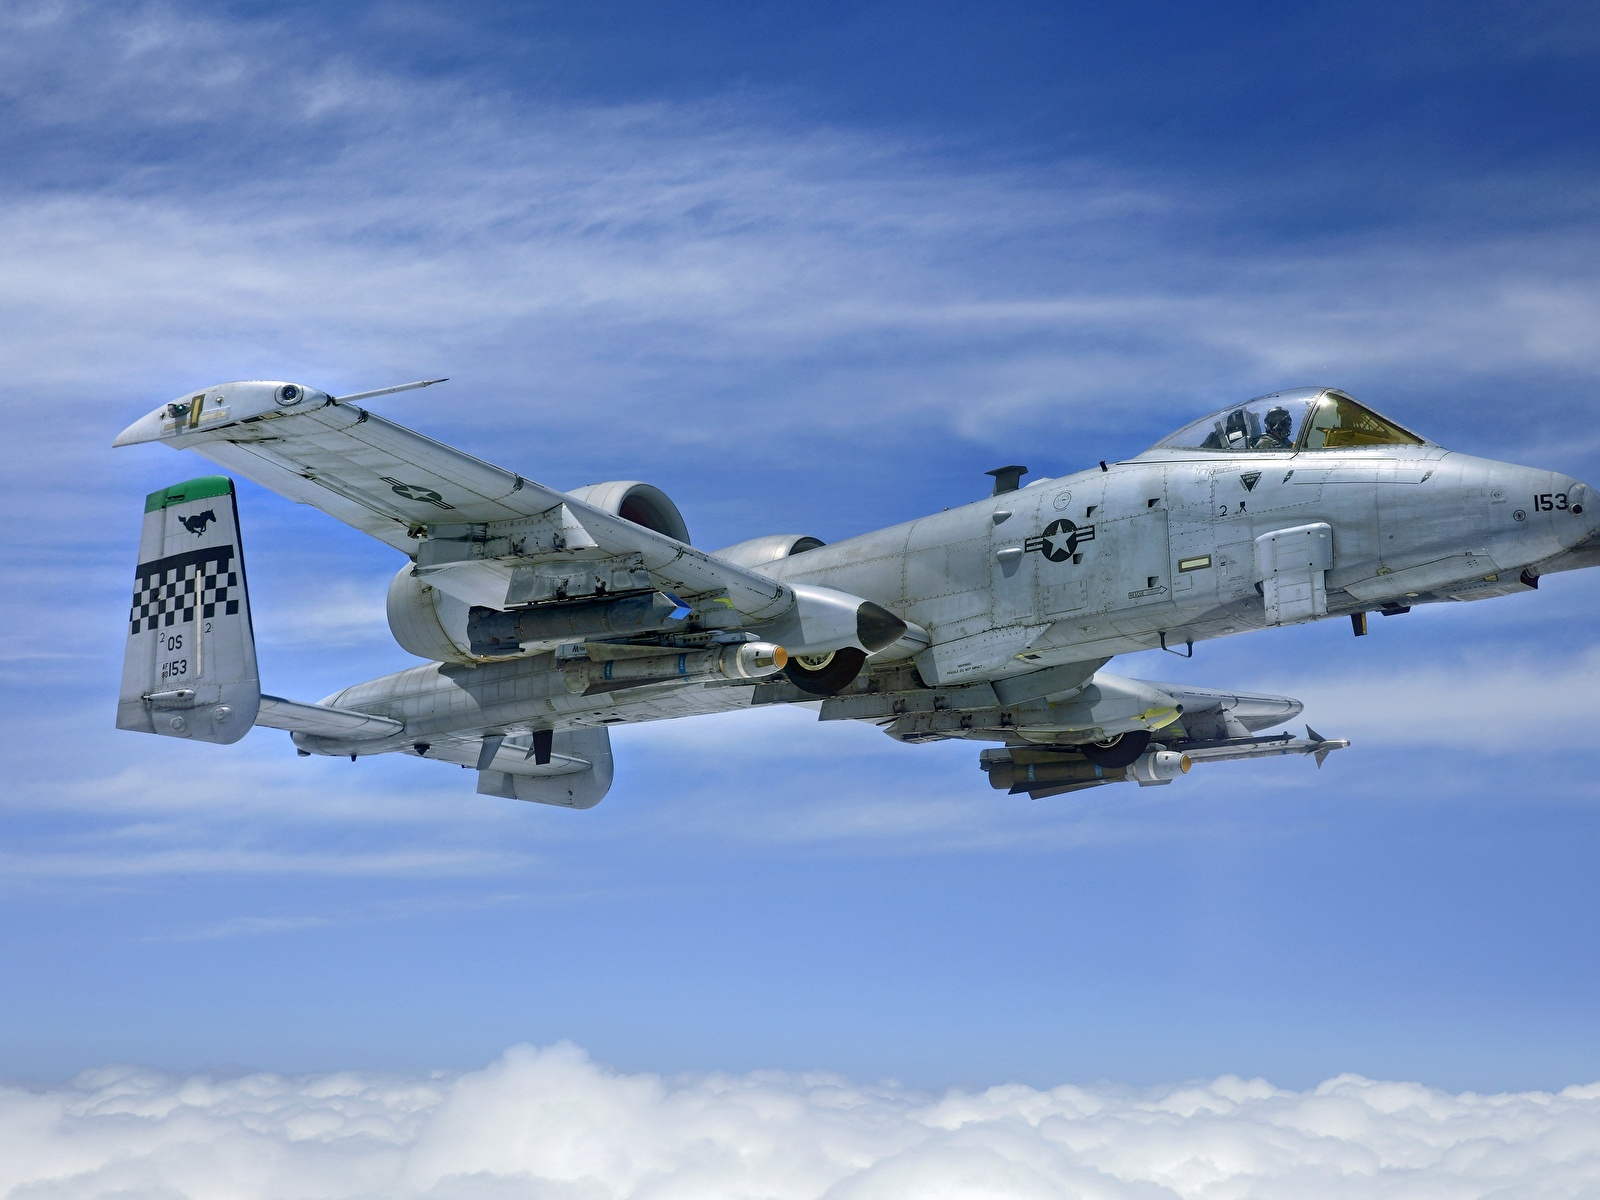 壁紙、1600x1200、飛行機、A-10 (航空機)、攻撃機、AGM-65 Maverick ...